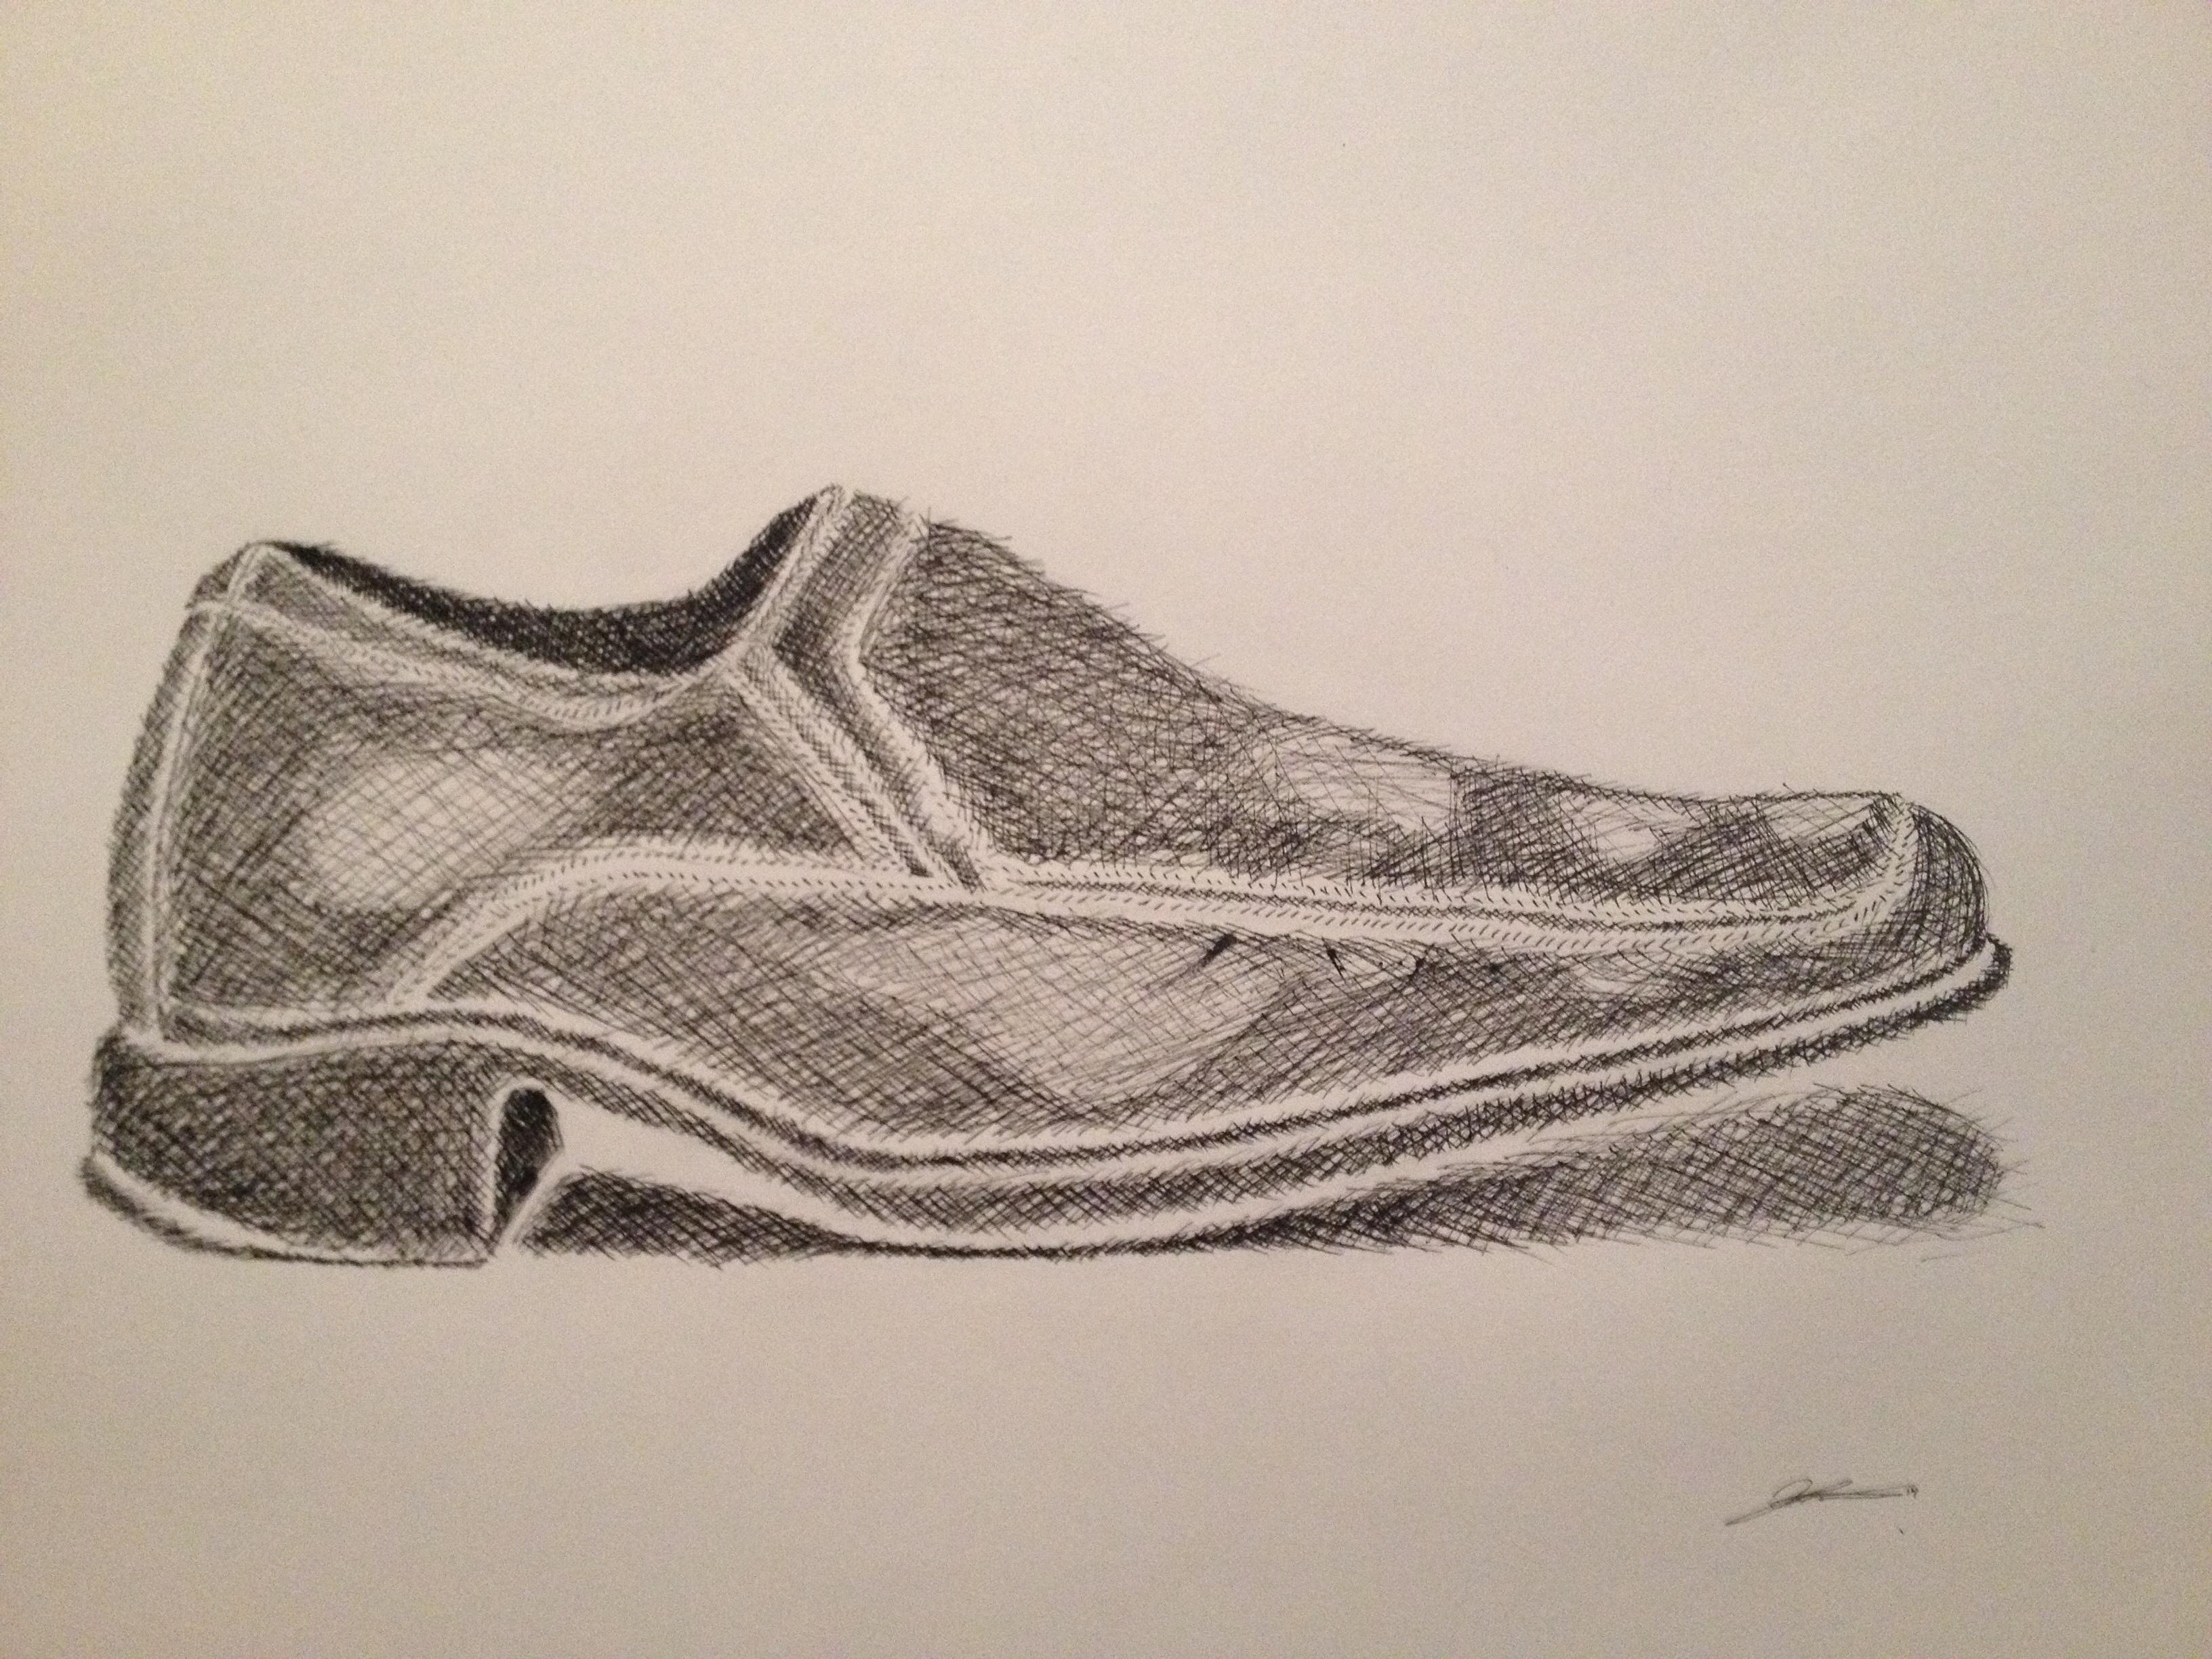 3264x2448 Cross Hatch Drawing Of My Dress Shoe My Art Cross